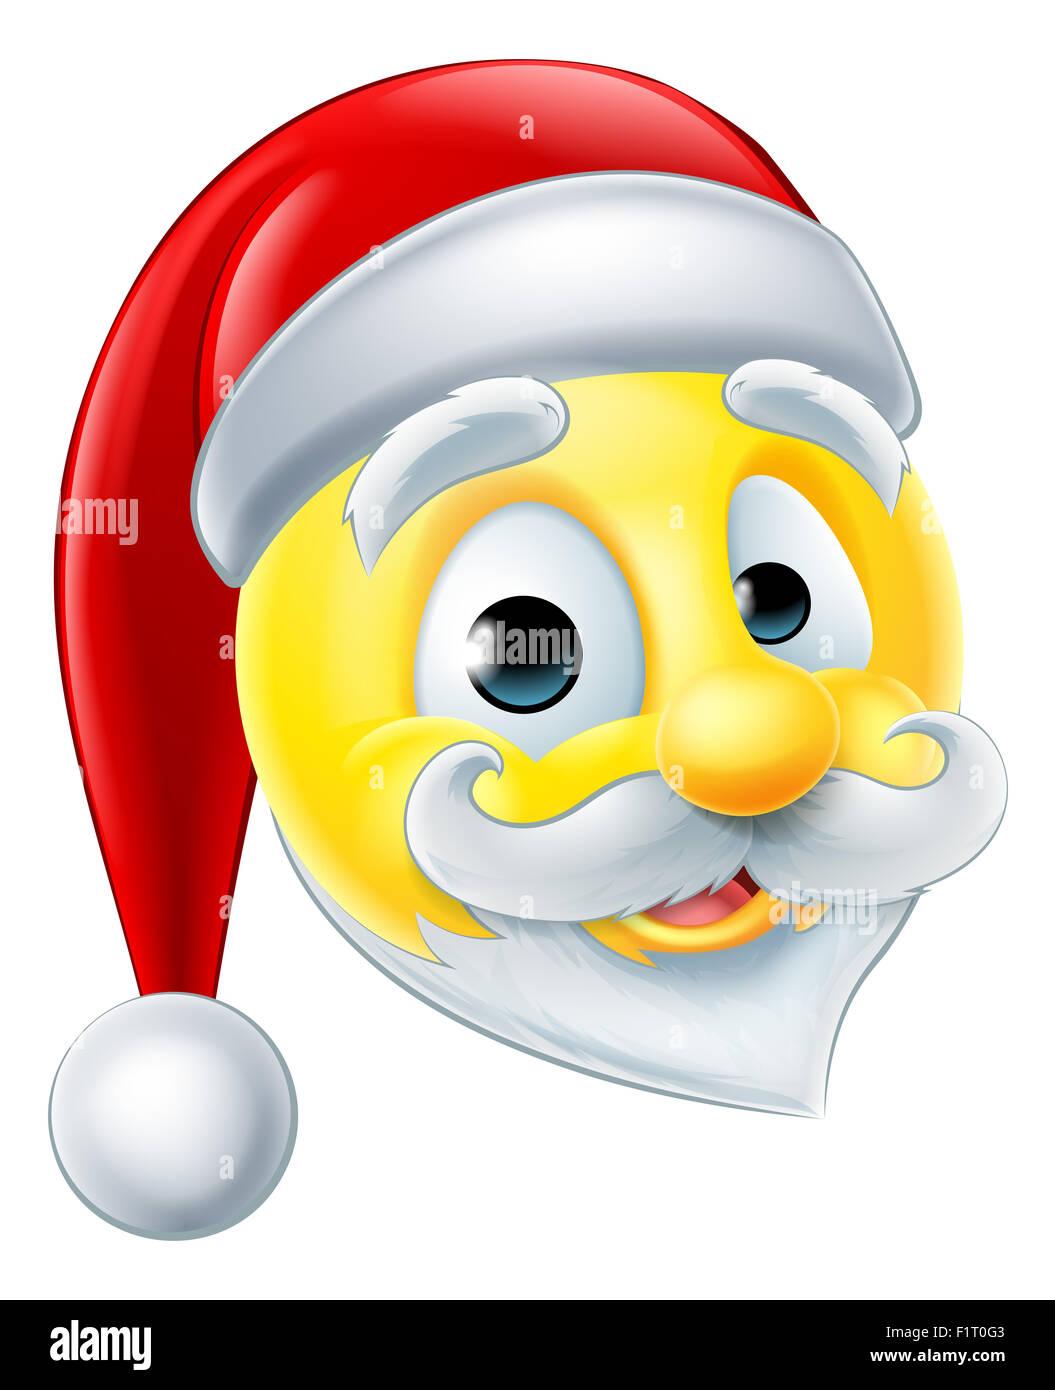 Eine glückliche Santa Claus Weihnachten Emoji Emoticons Stockfoto ...